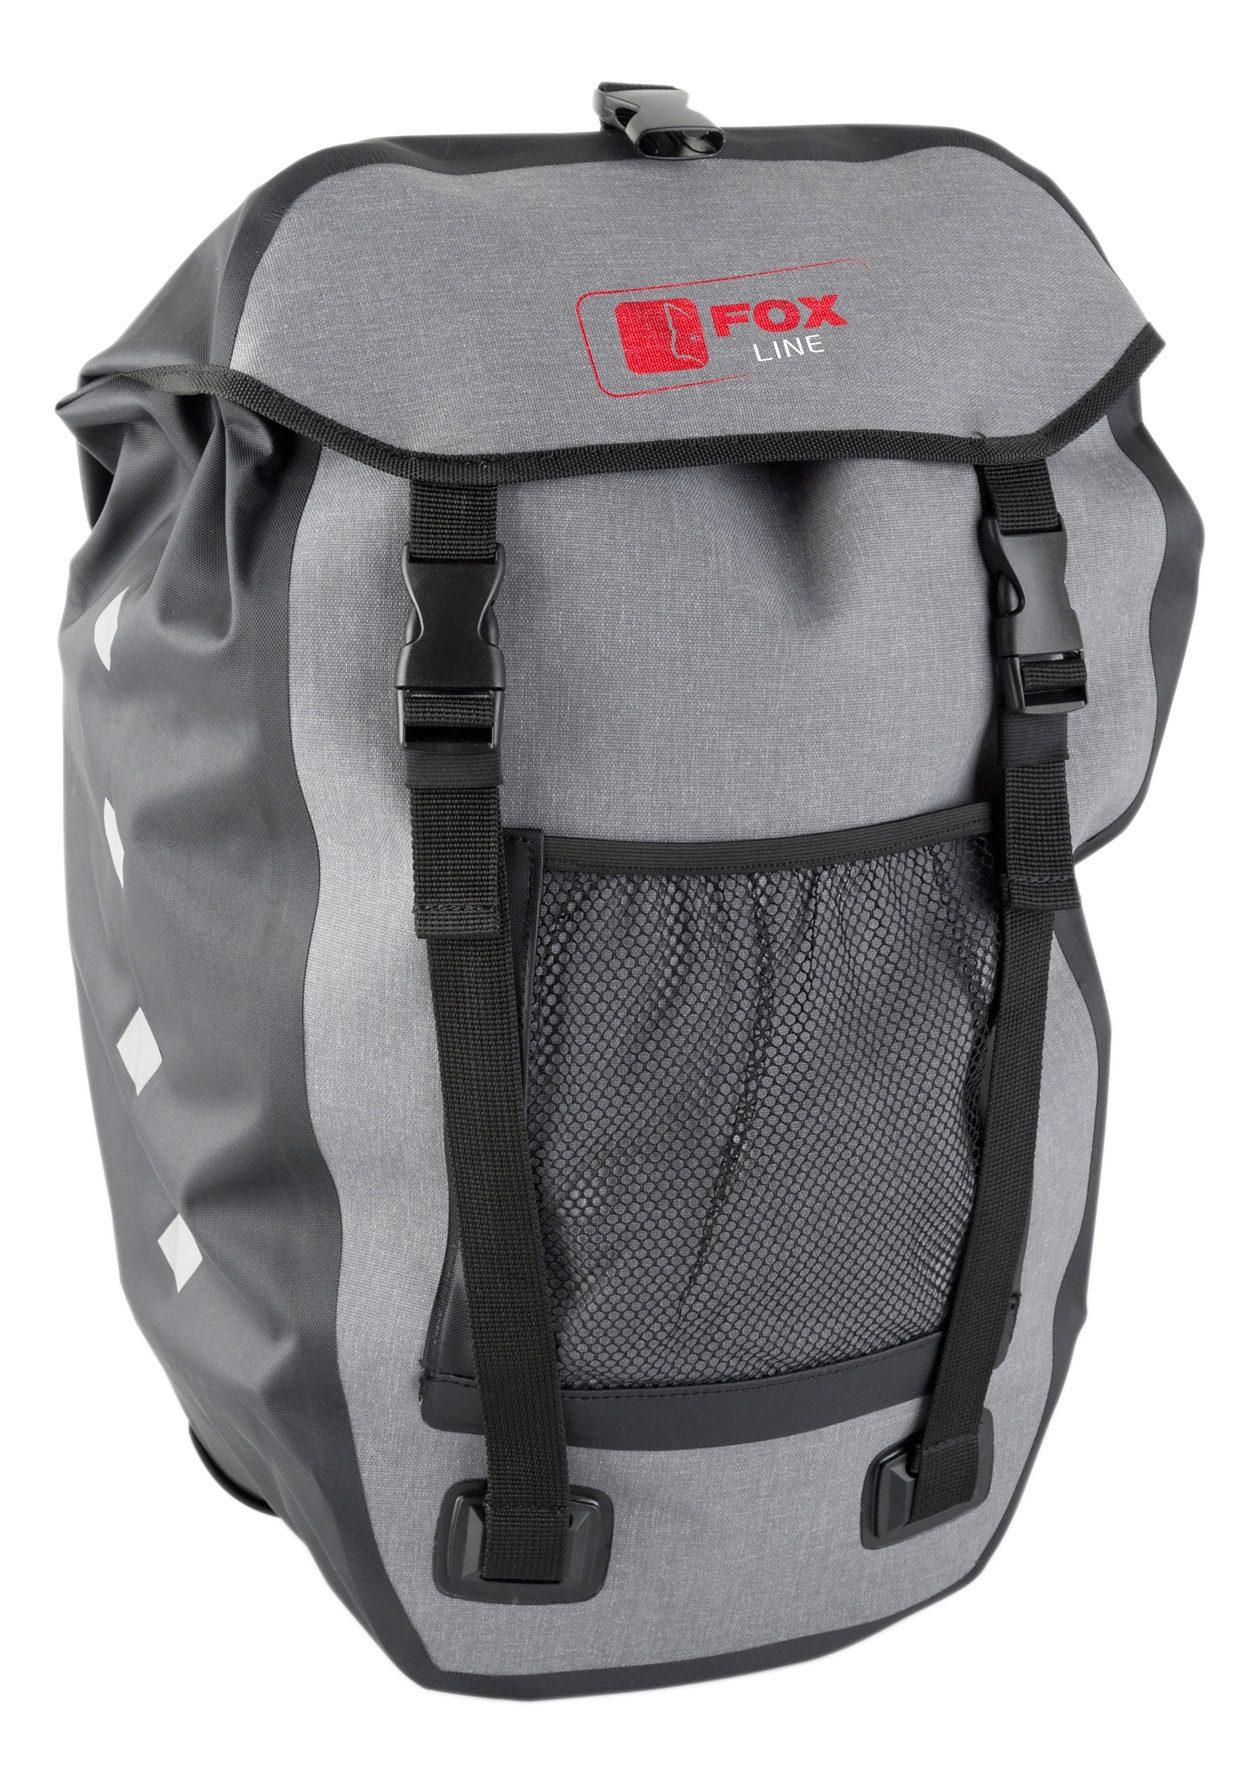 Fox Line Fahrradtasche für Gepäckträger, schwarz-grau